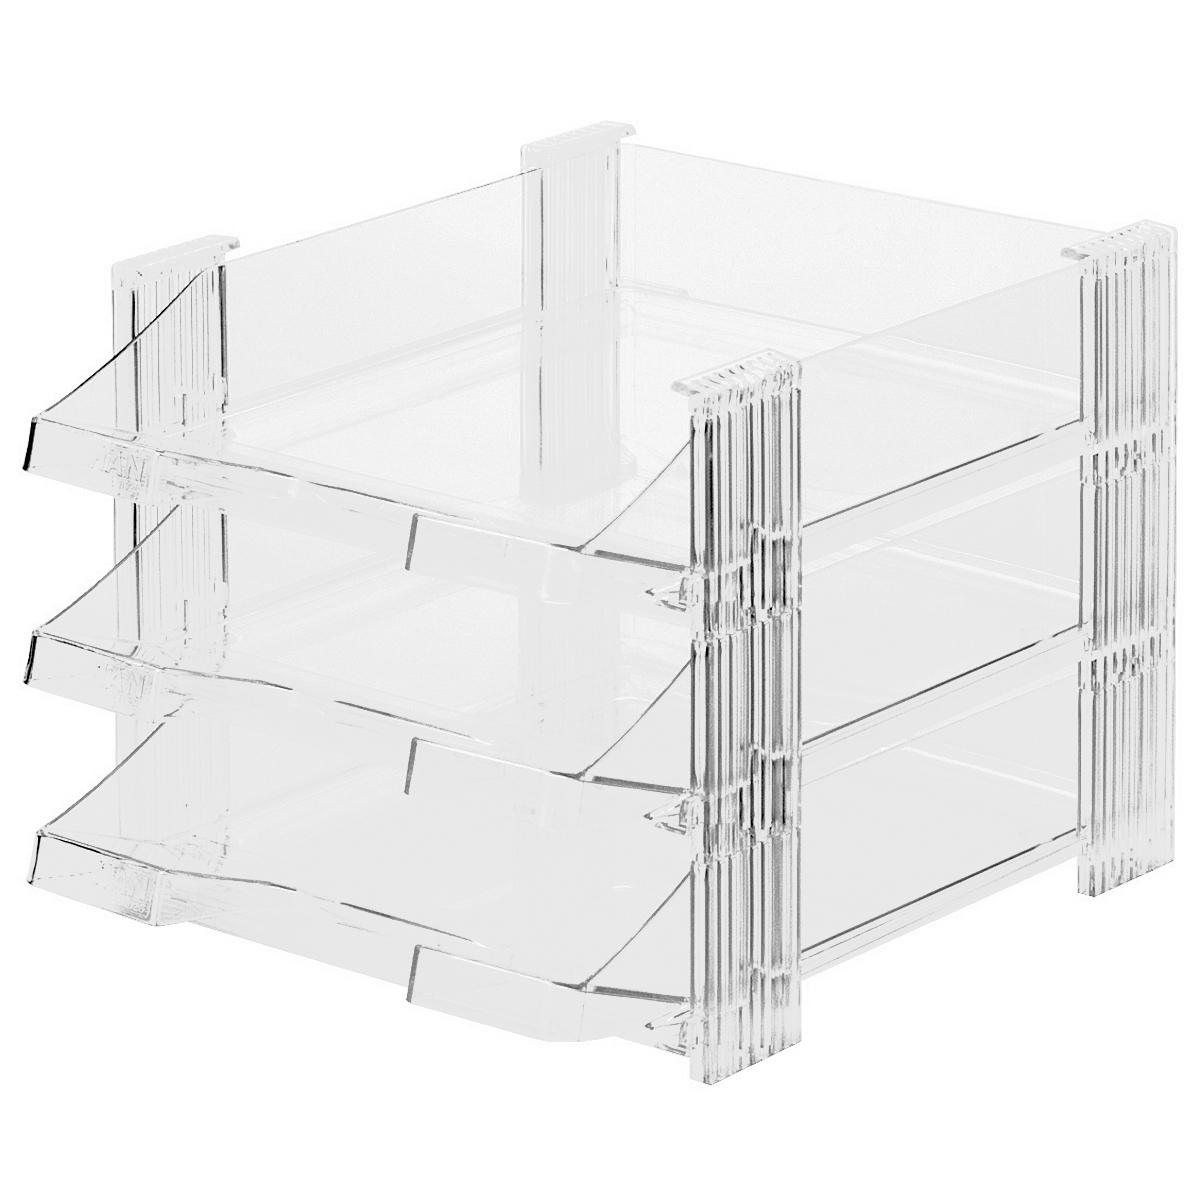 Лоток для бумаг горизонтальный HAN  Brillant , 3 секции, цвет: прозрачный -  Лотки, подставки для бумаг